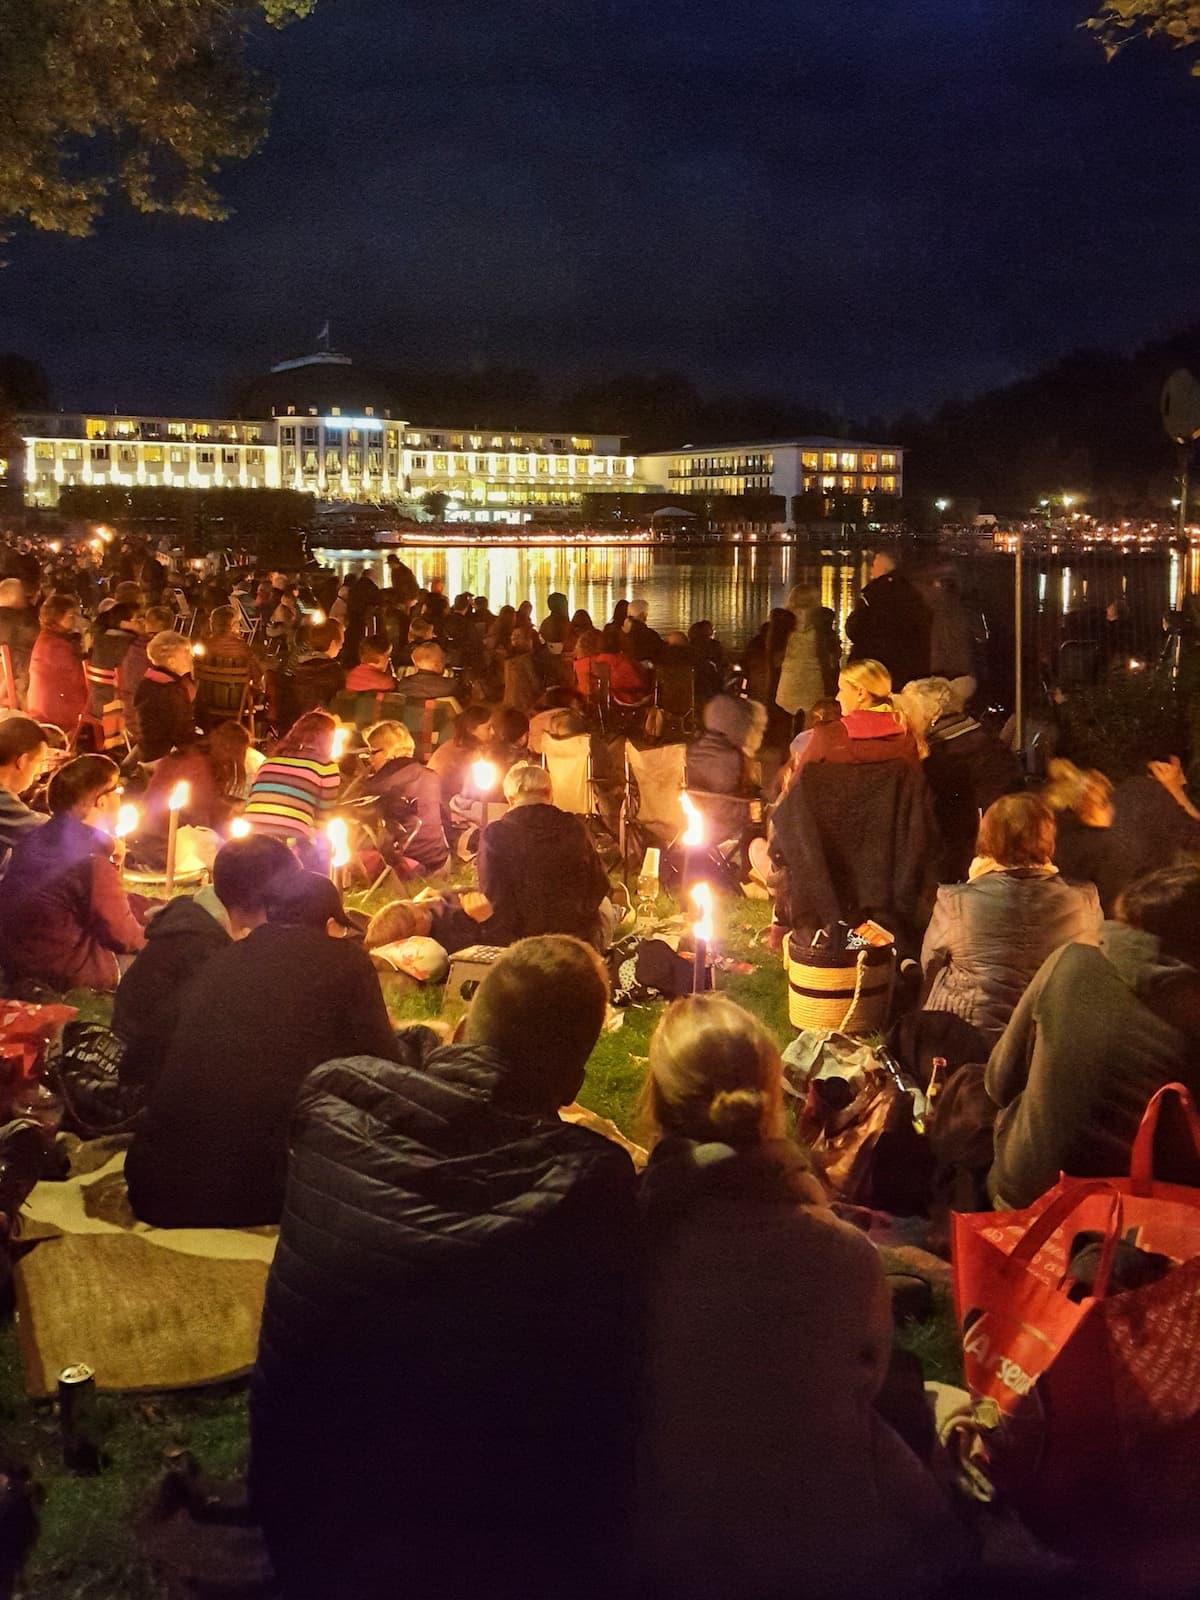 Musik und Licht am Hollersee: Picknick mit Blick aufs Park Hotel